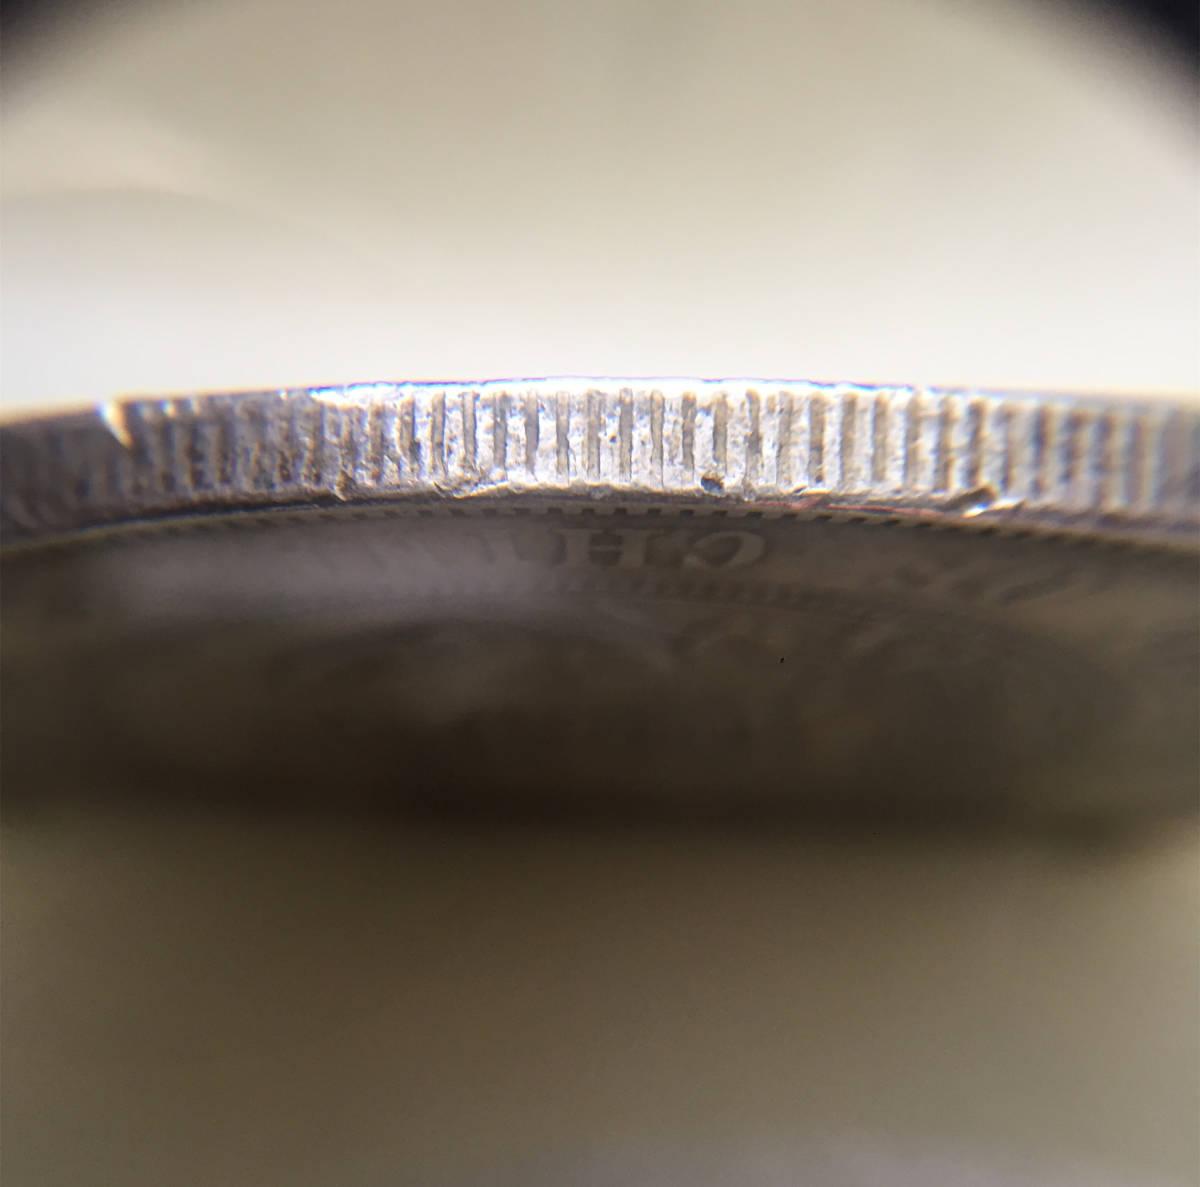 中国 中華民国 孫文 開国記念幣 1円 壹圓 ONE DOLLAR 銀貨 硬貨 古銭 コイン_画像8